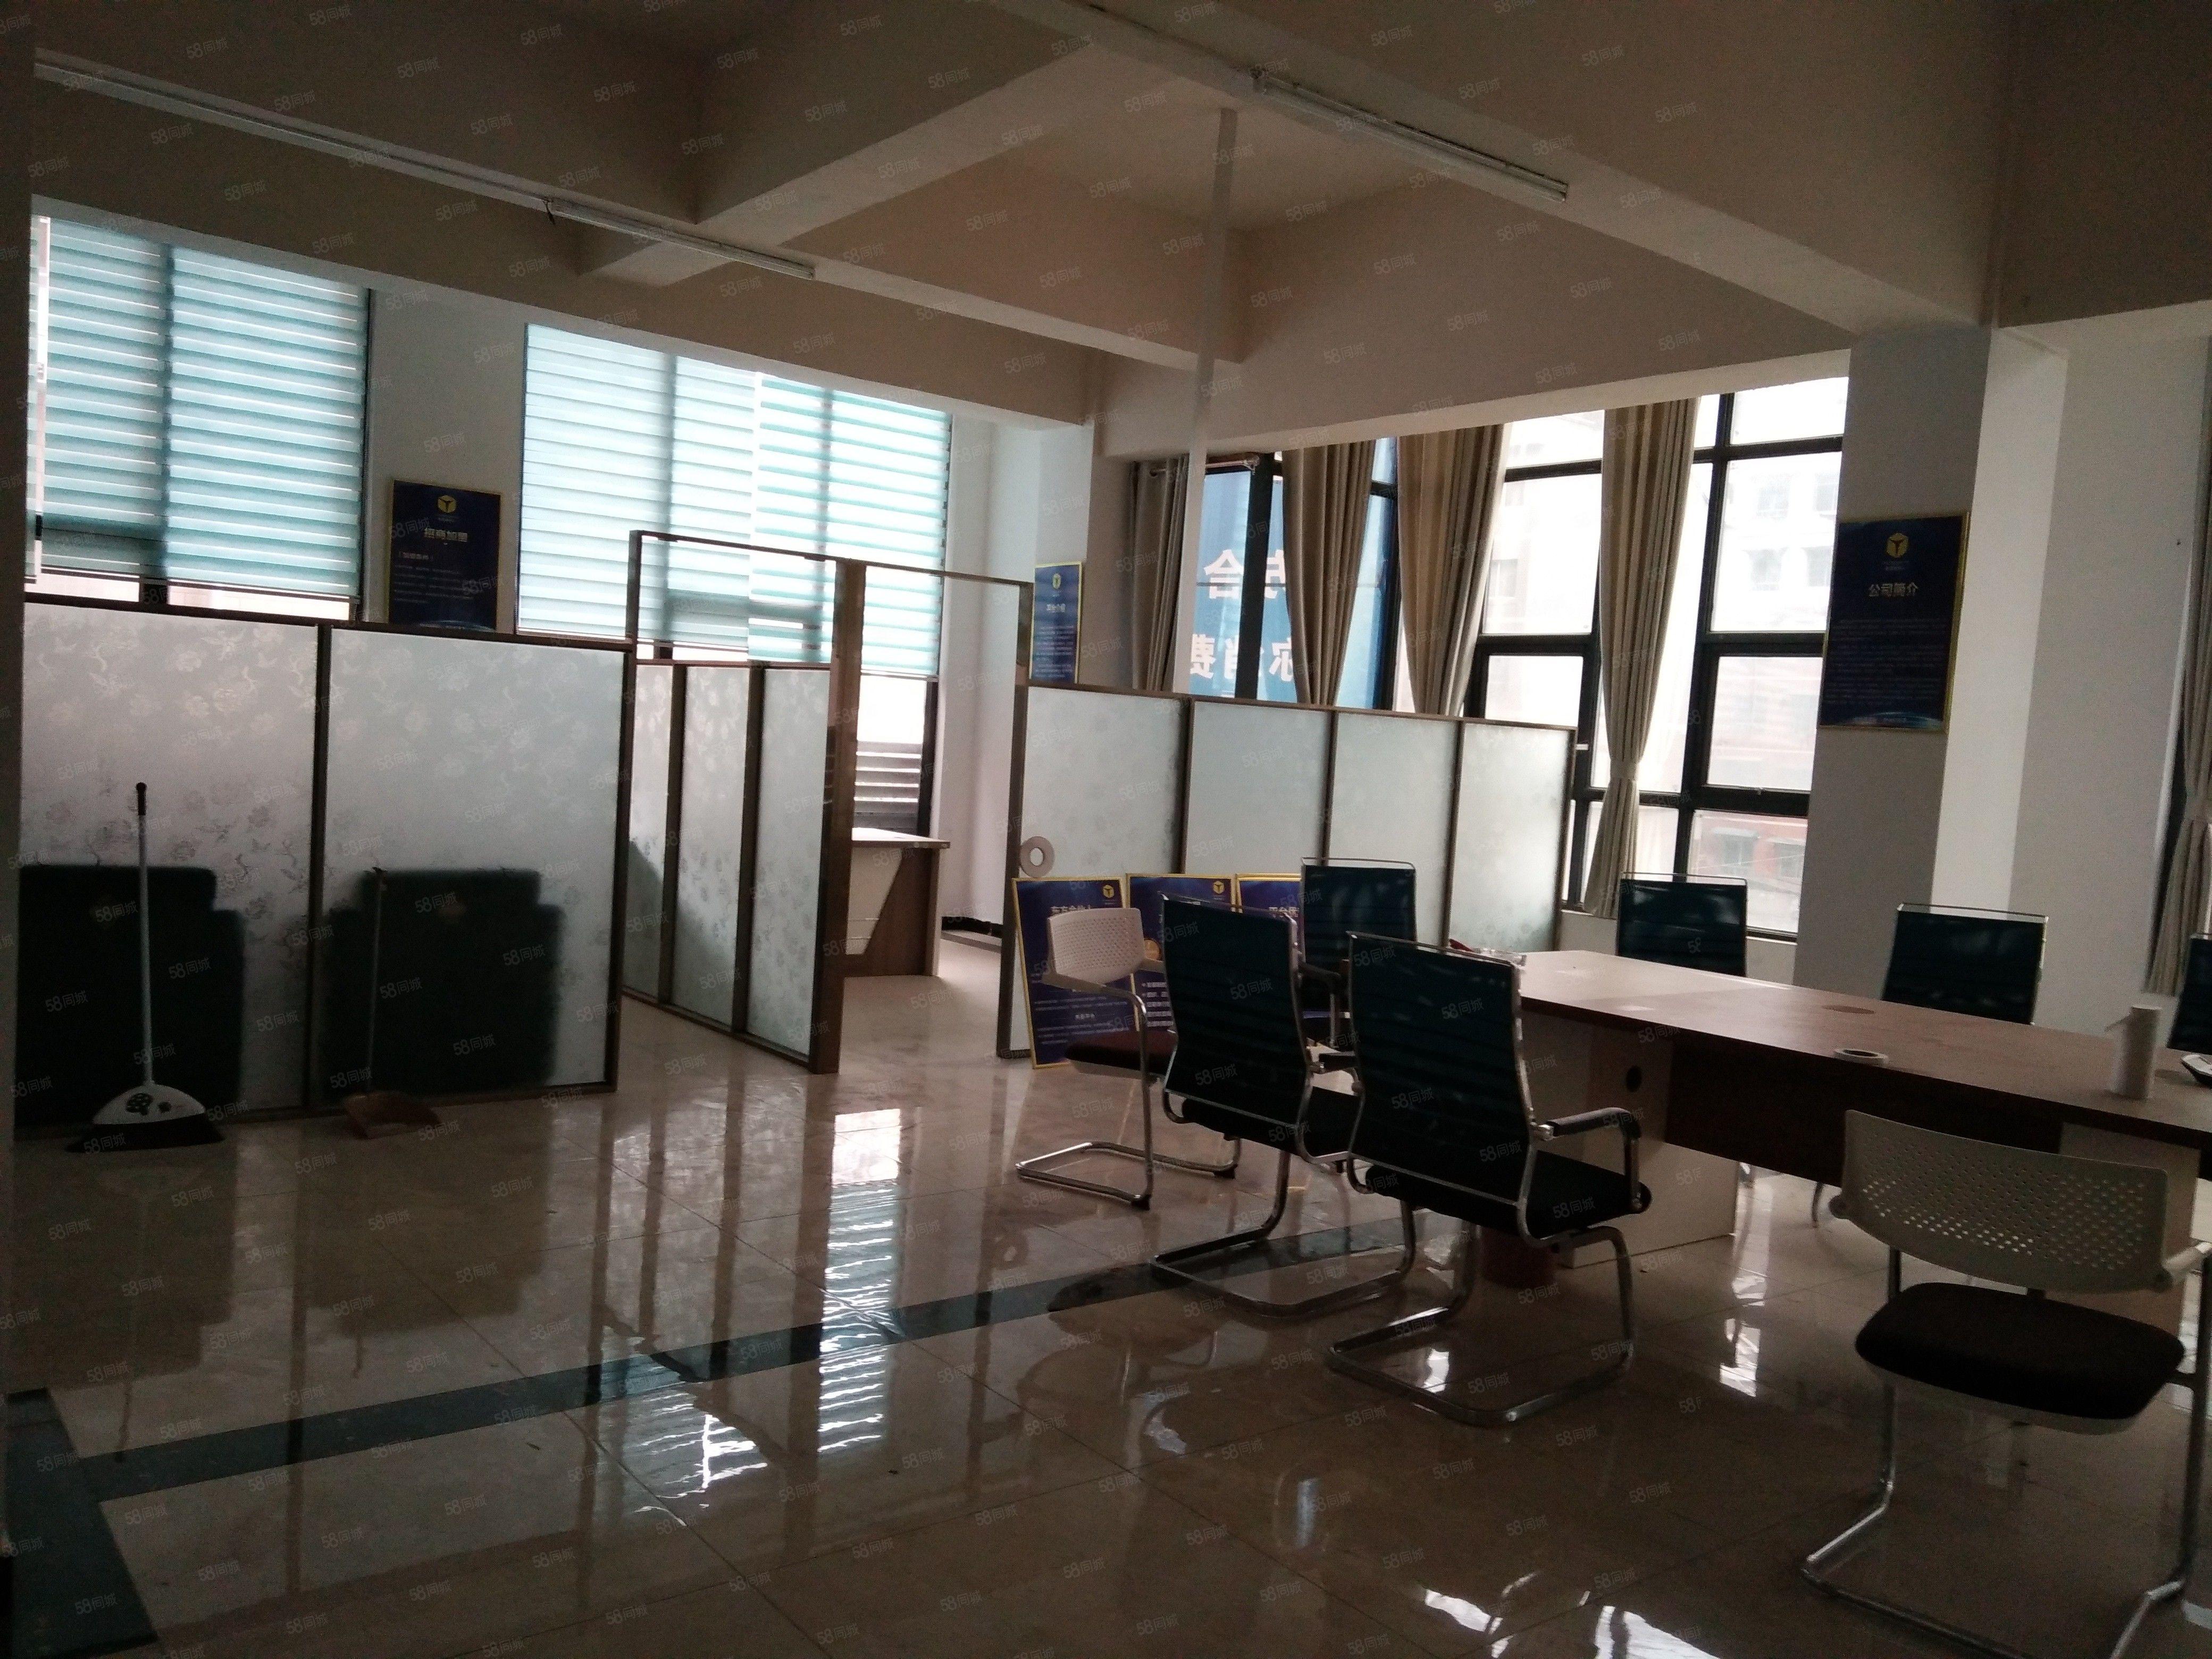 办公室出租,已装修好200平米,租金合理,好打广告